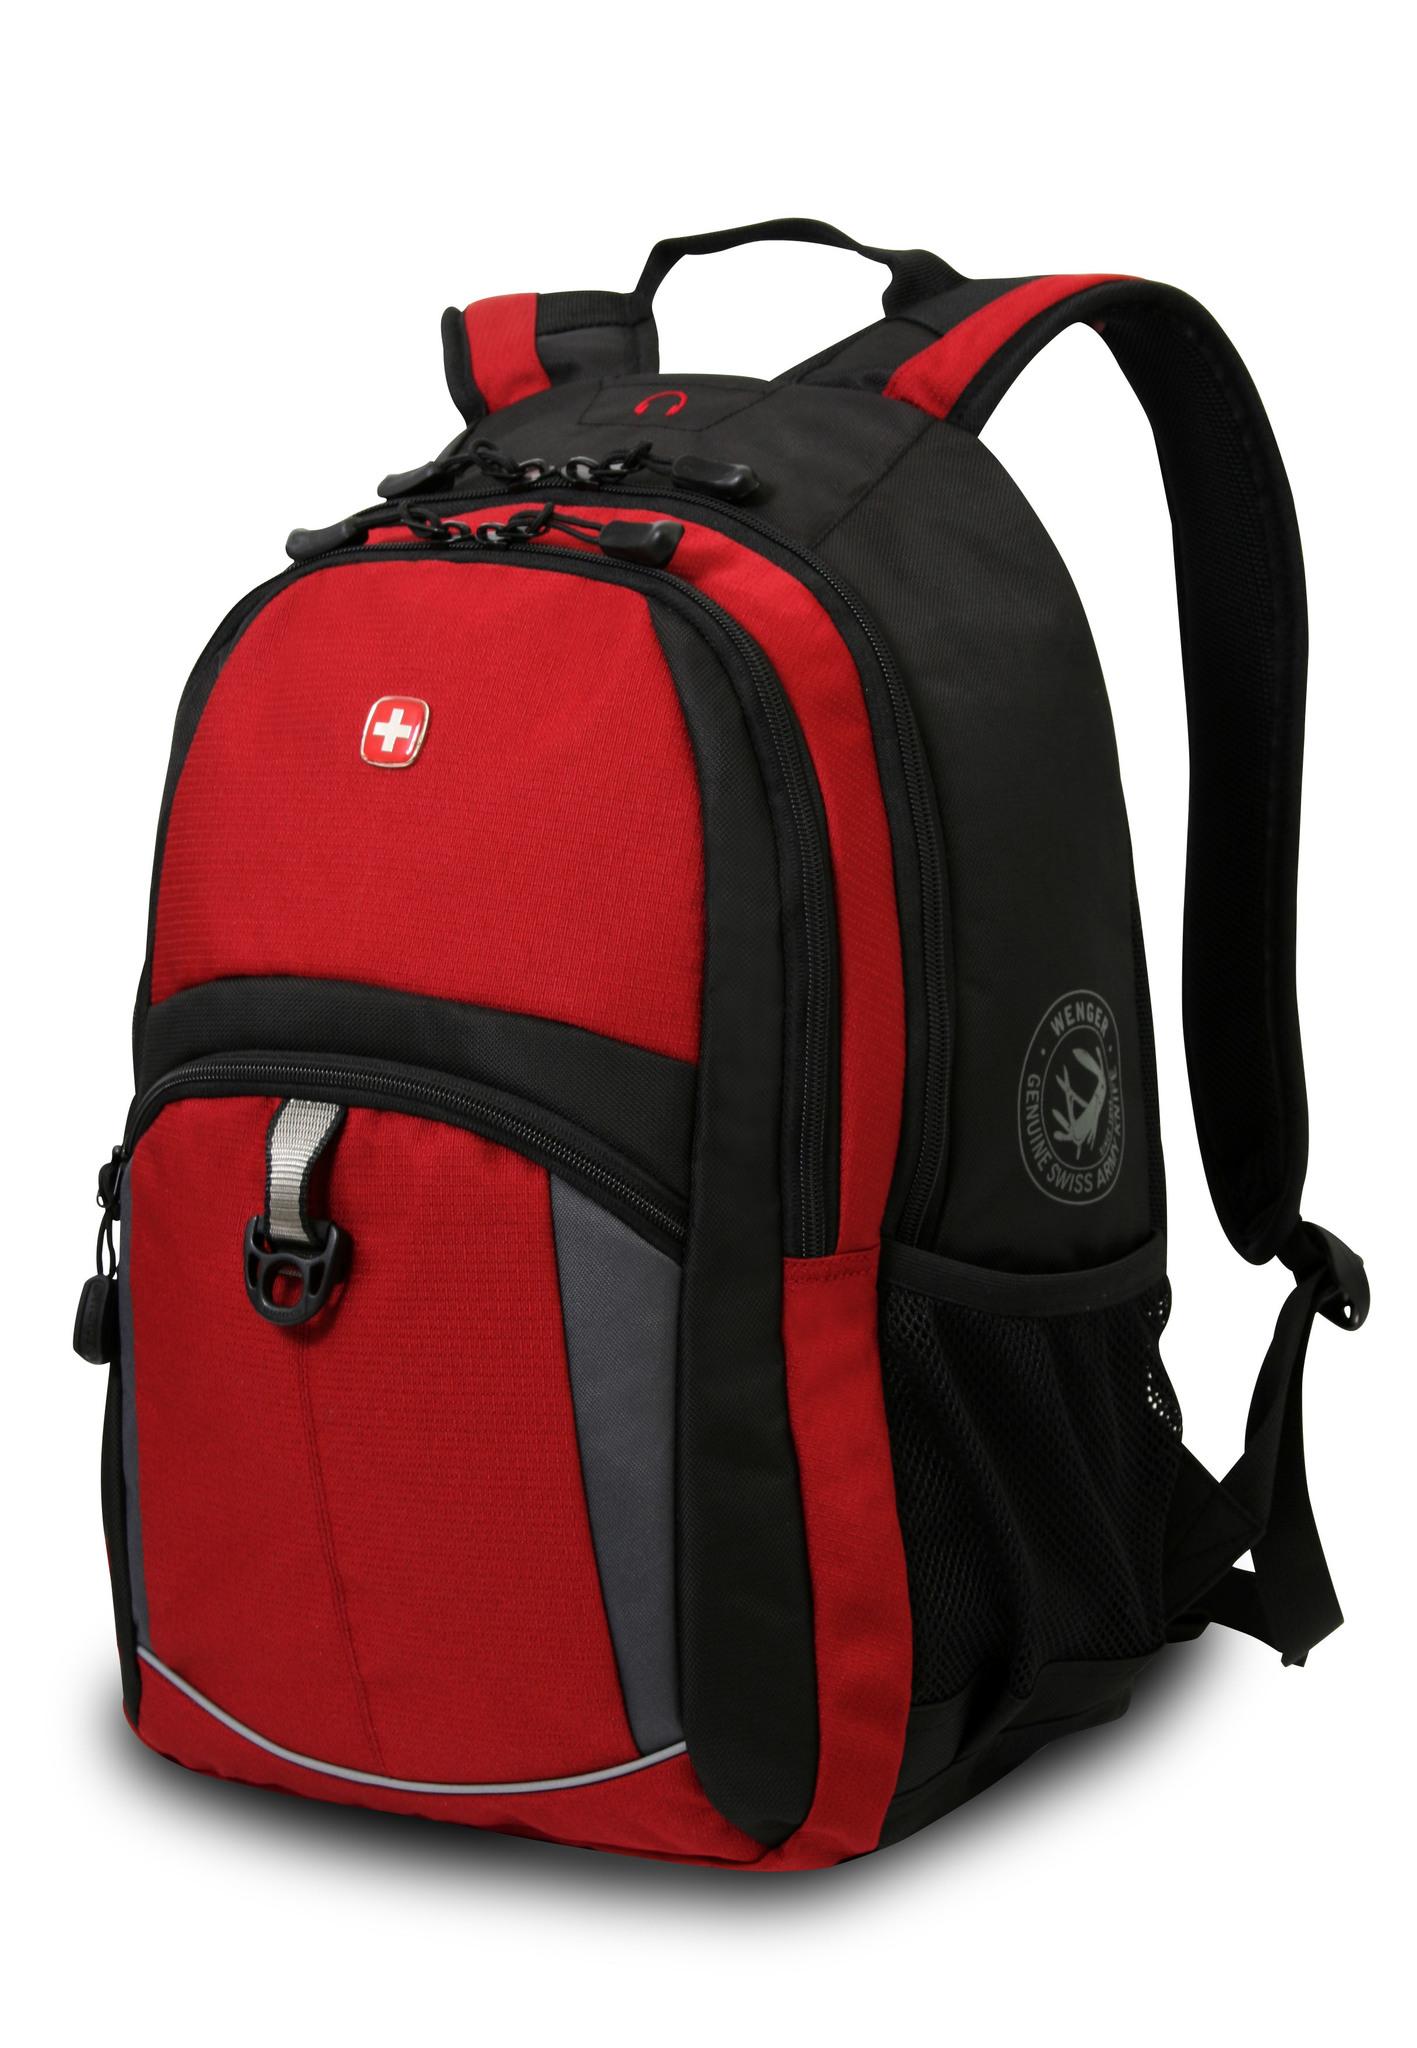 Рюкзак WENGER, цвет красный/чёрный, 22 л., 45х33х15 см., 2 отделения (3191201408)